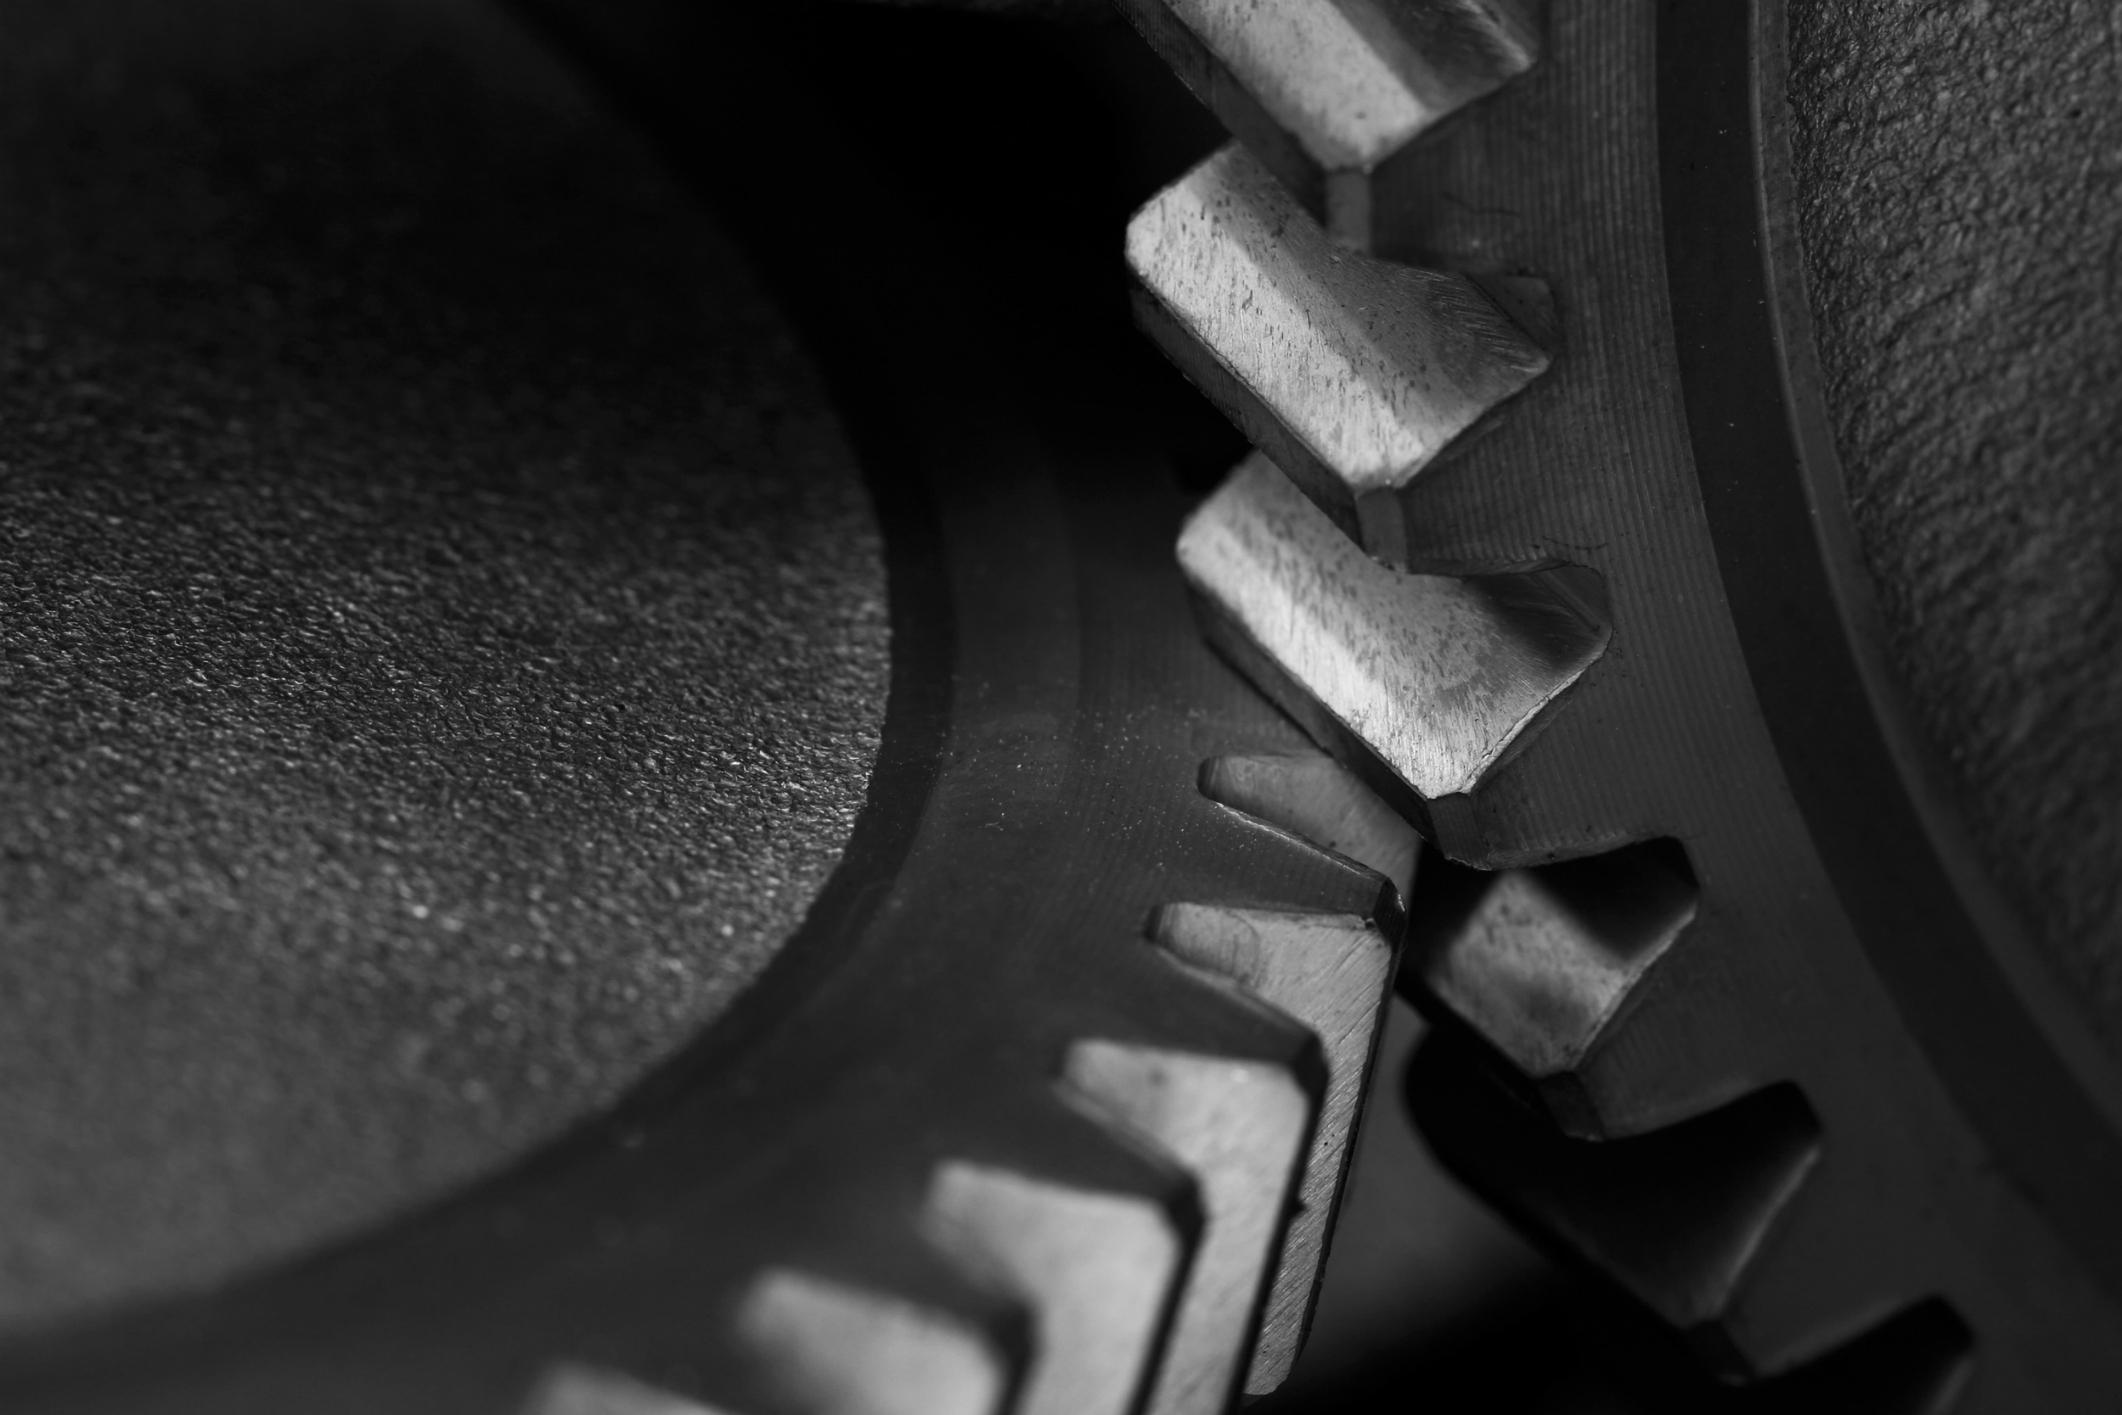 Prozess & Organisation - Reibungslose Abläufe definieren Effektivität und Wirtschaftlichkeit